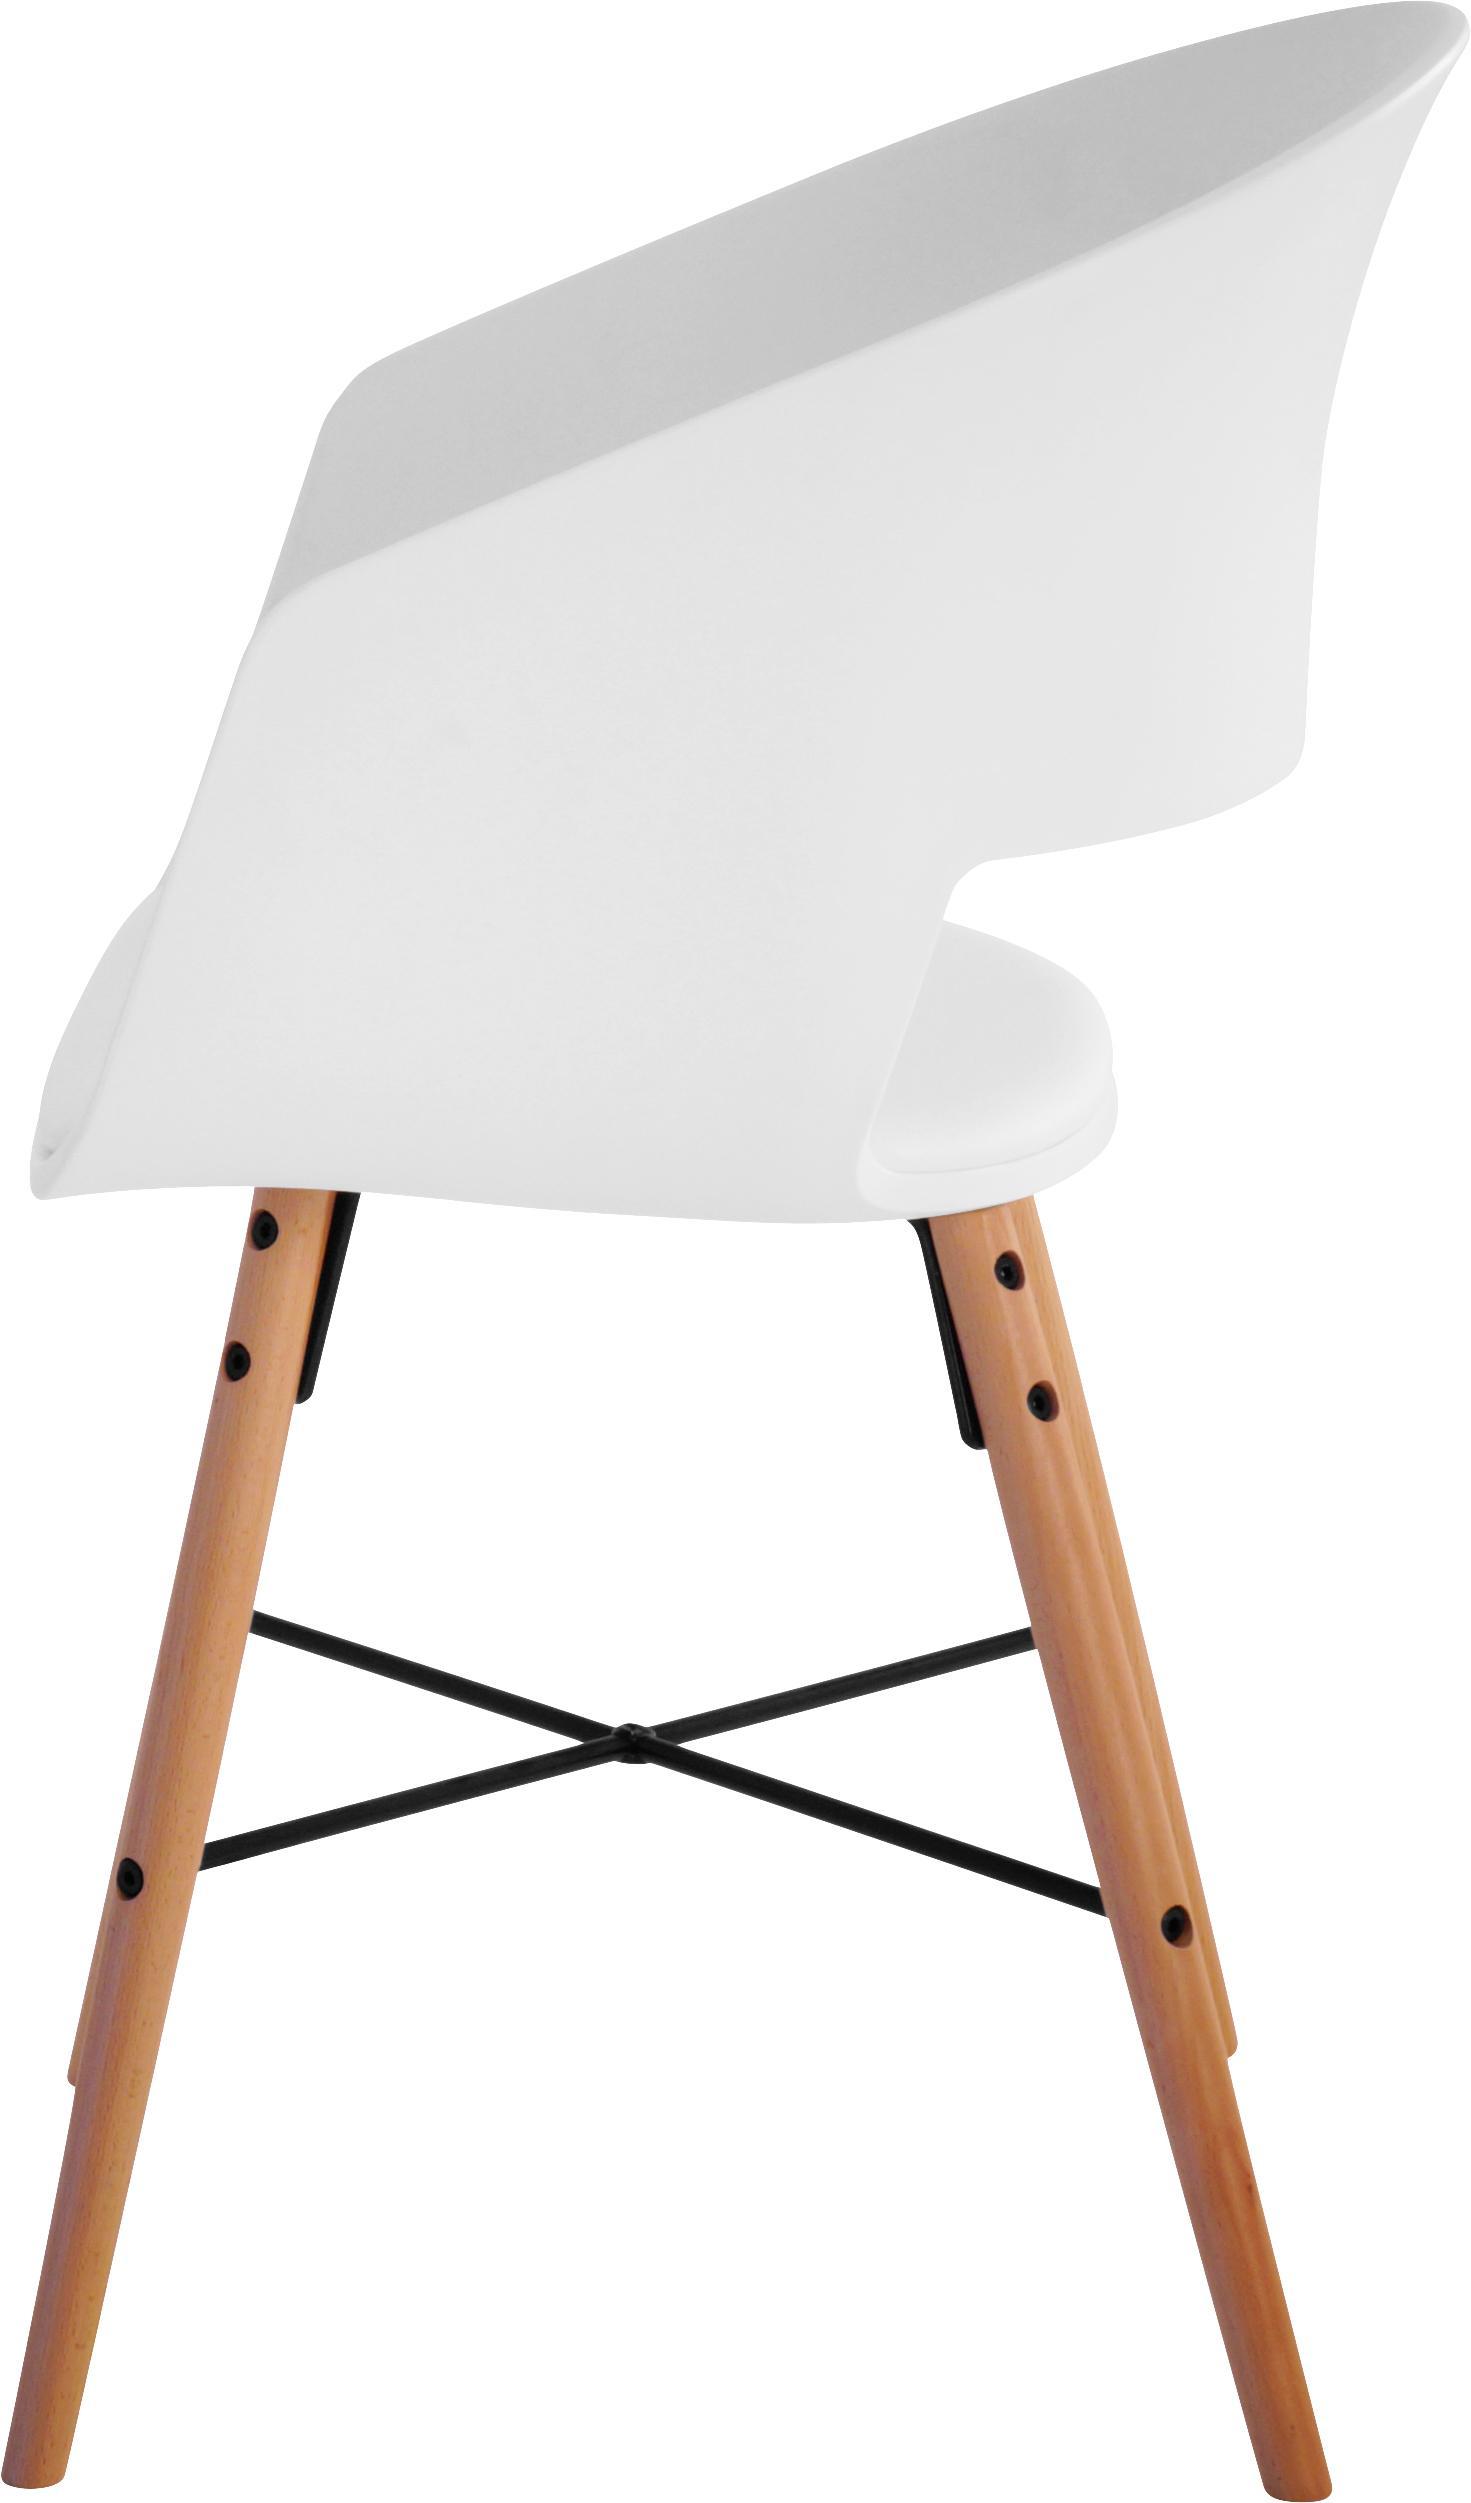 Armlehnstühle Luna mit gepolsteter Sitzfläche, 2 Stück, Beine: Buchenholz, lackiert, Weiß, B 52 x T 52 cm